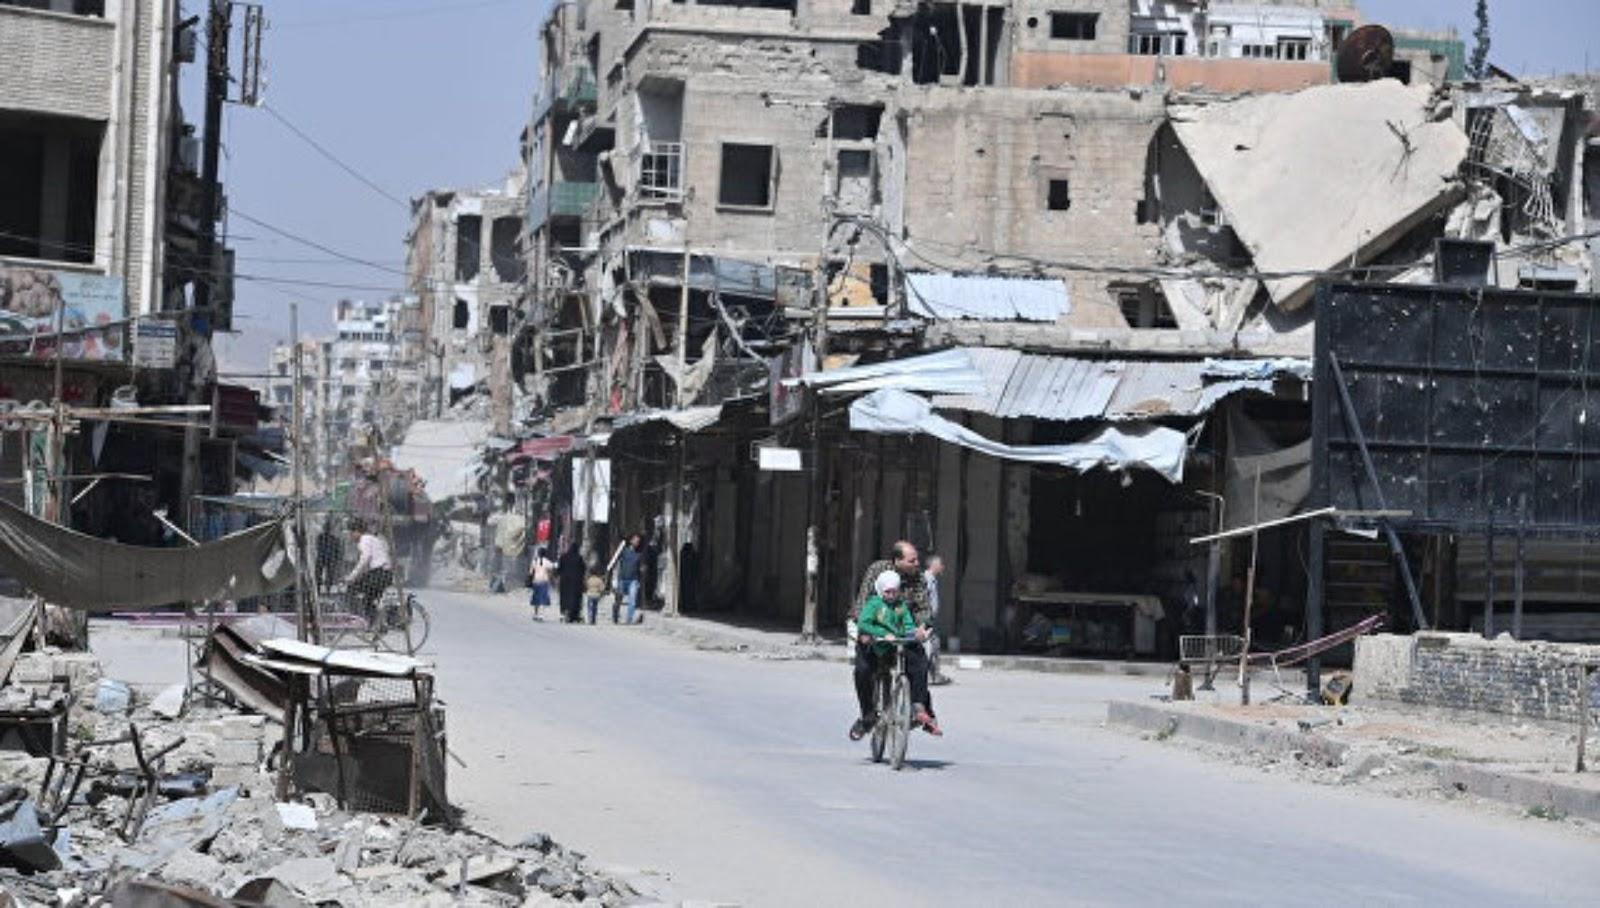 Suriah tidak akan menerima satu dolar pun dari Amerika Serikat untuk rekonstruksi sampai Iran meninggalkan negara itu